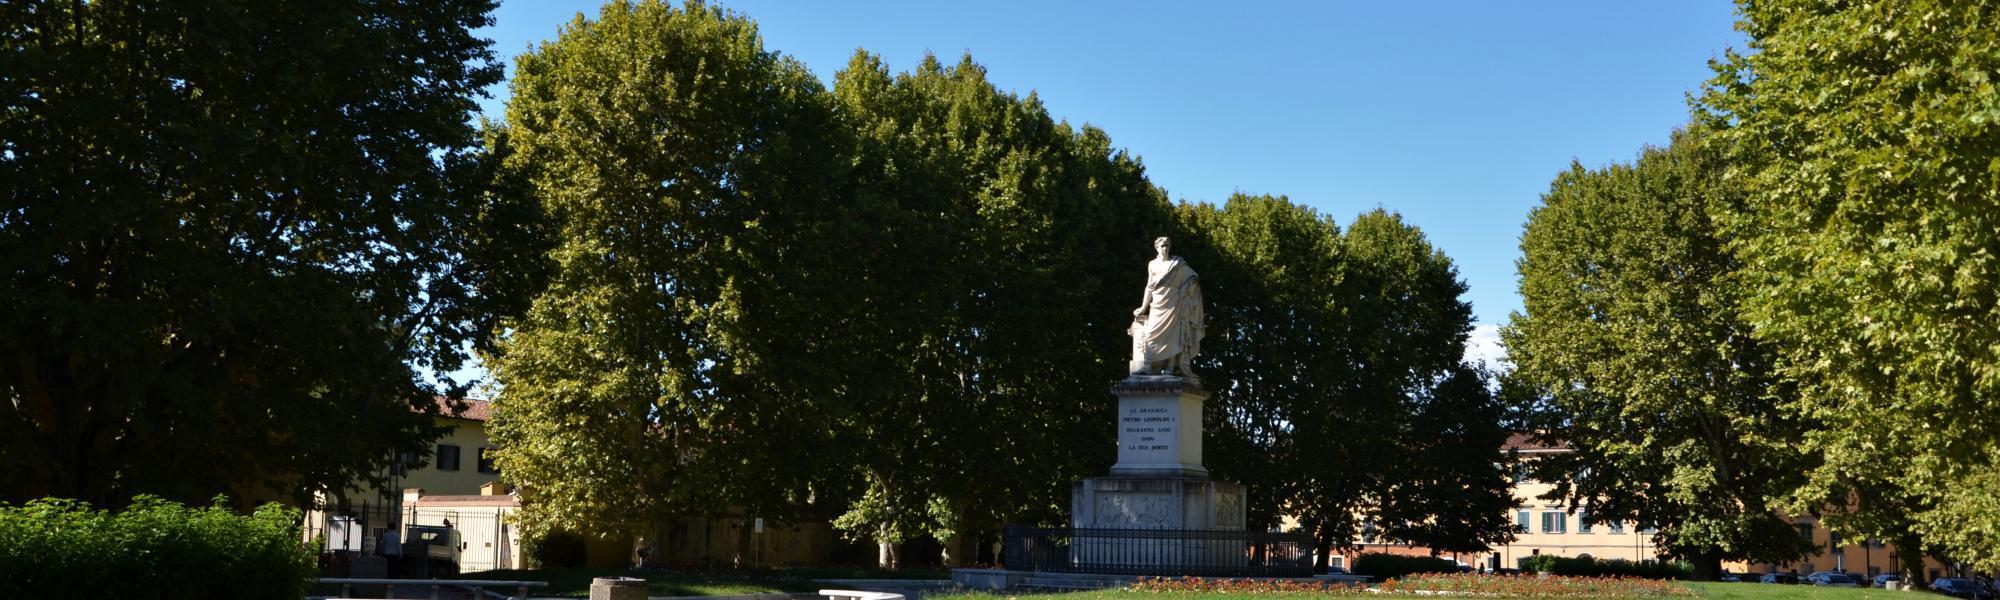 Piazza Martiri della Libertà (L. Corevi, Comune di Pisa)